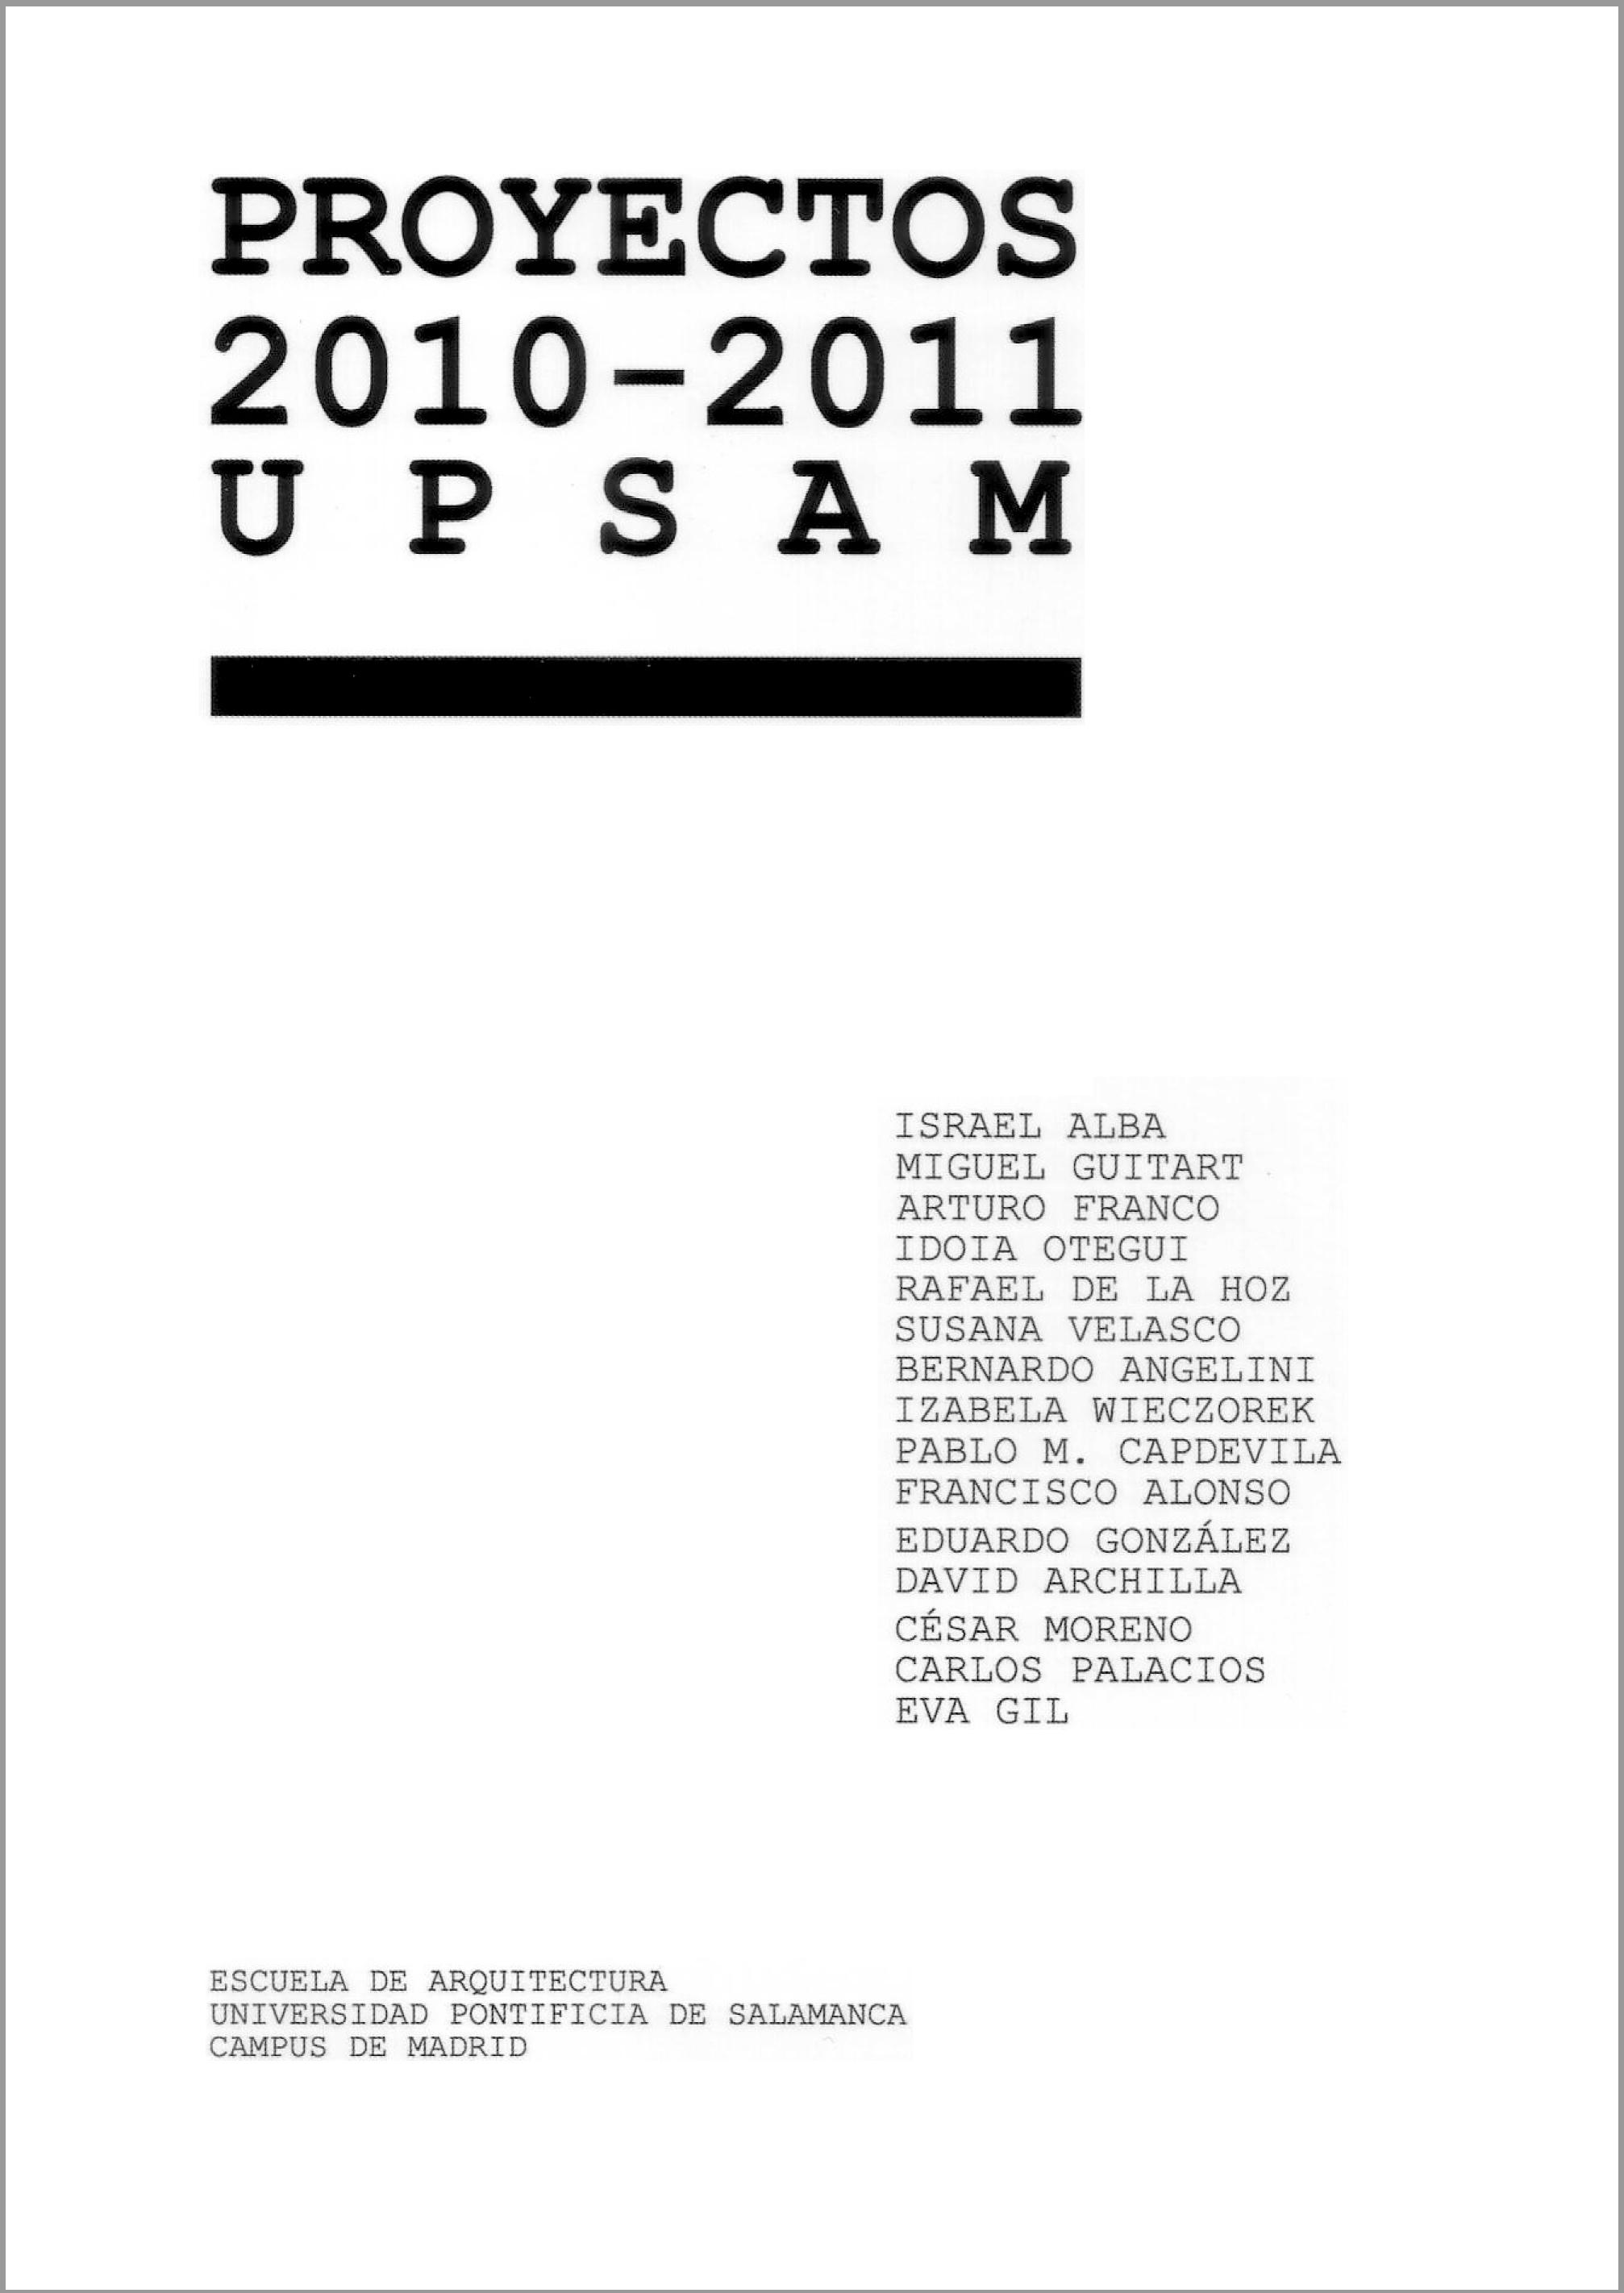 Miguel Guitart_Proyectos UPSAM 2011.jpg